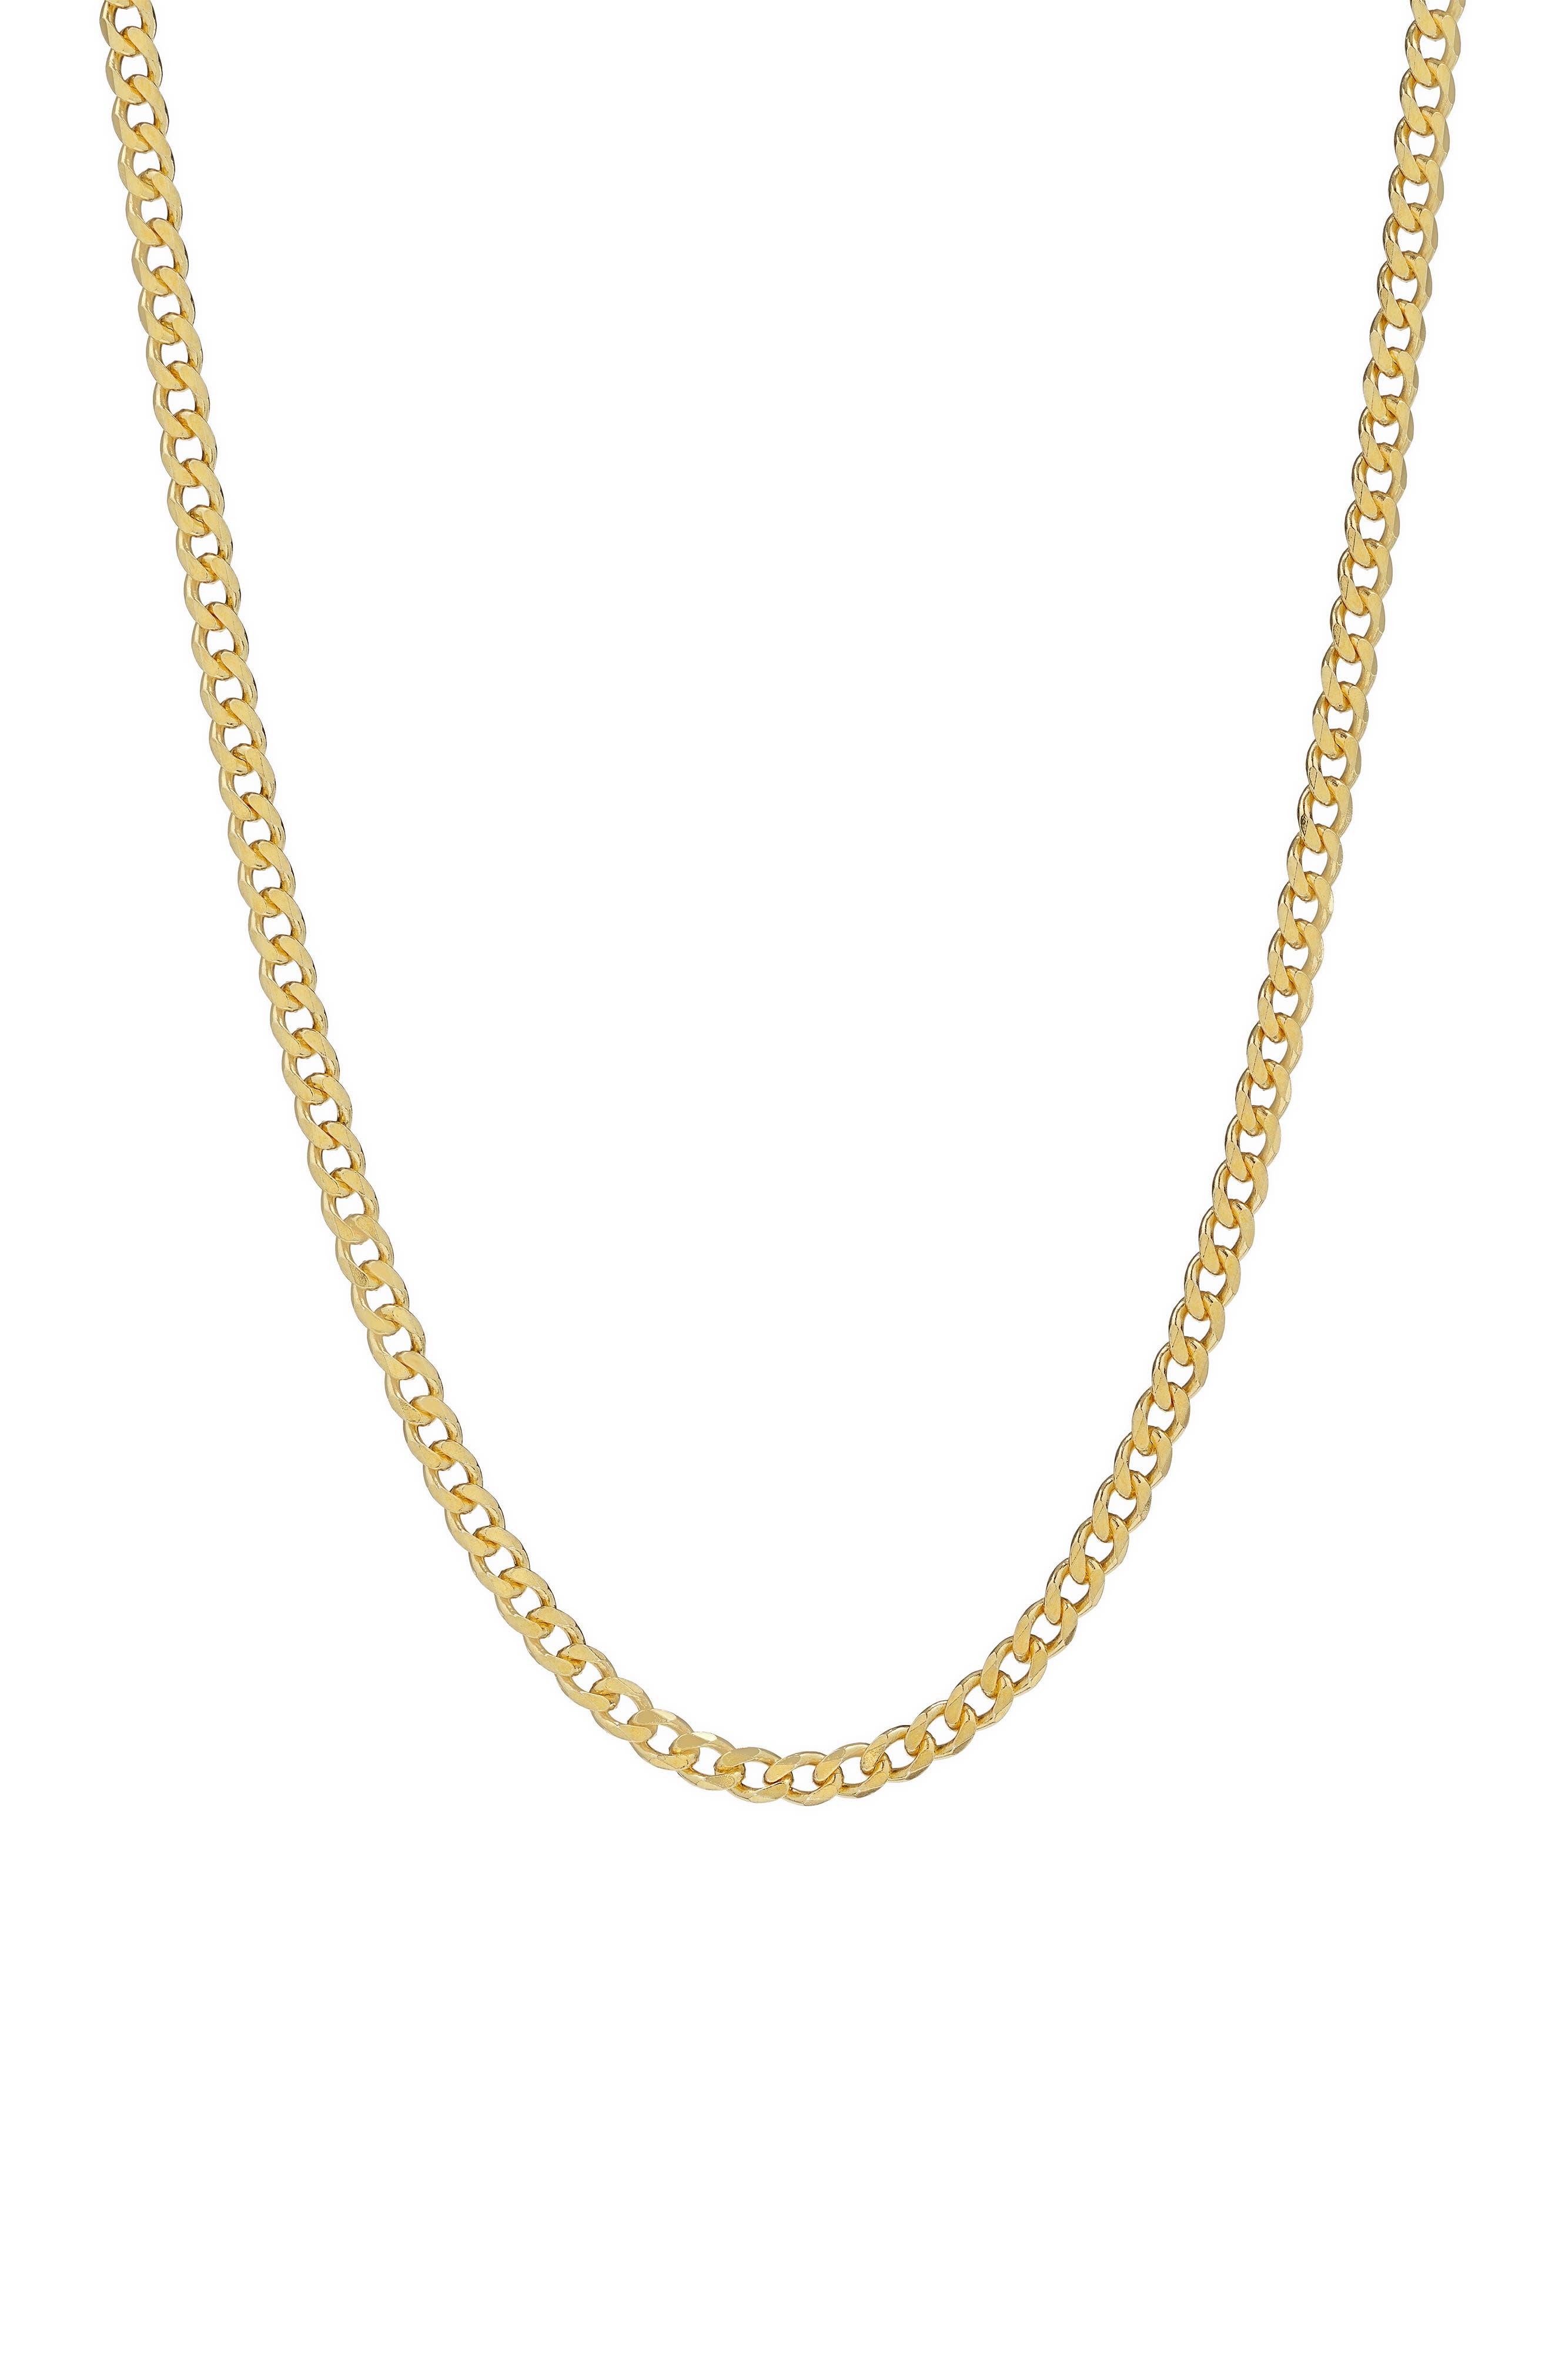 Men's Cuban Chain Necklace